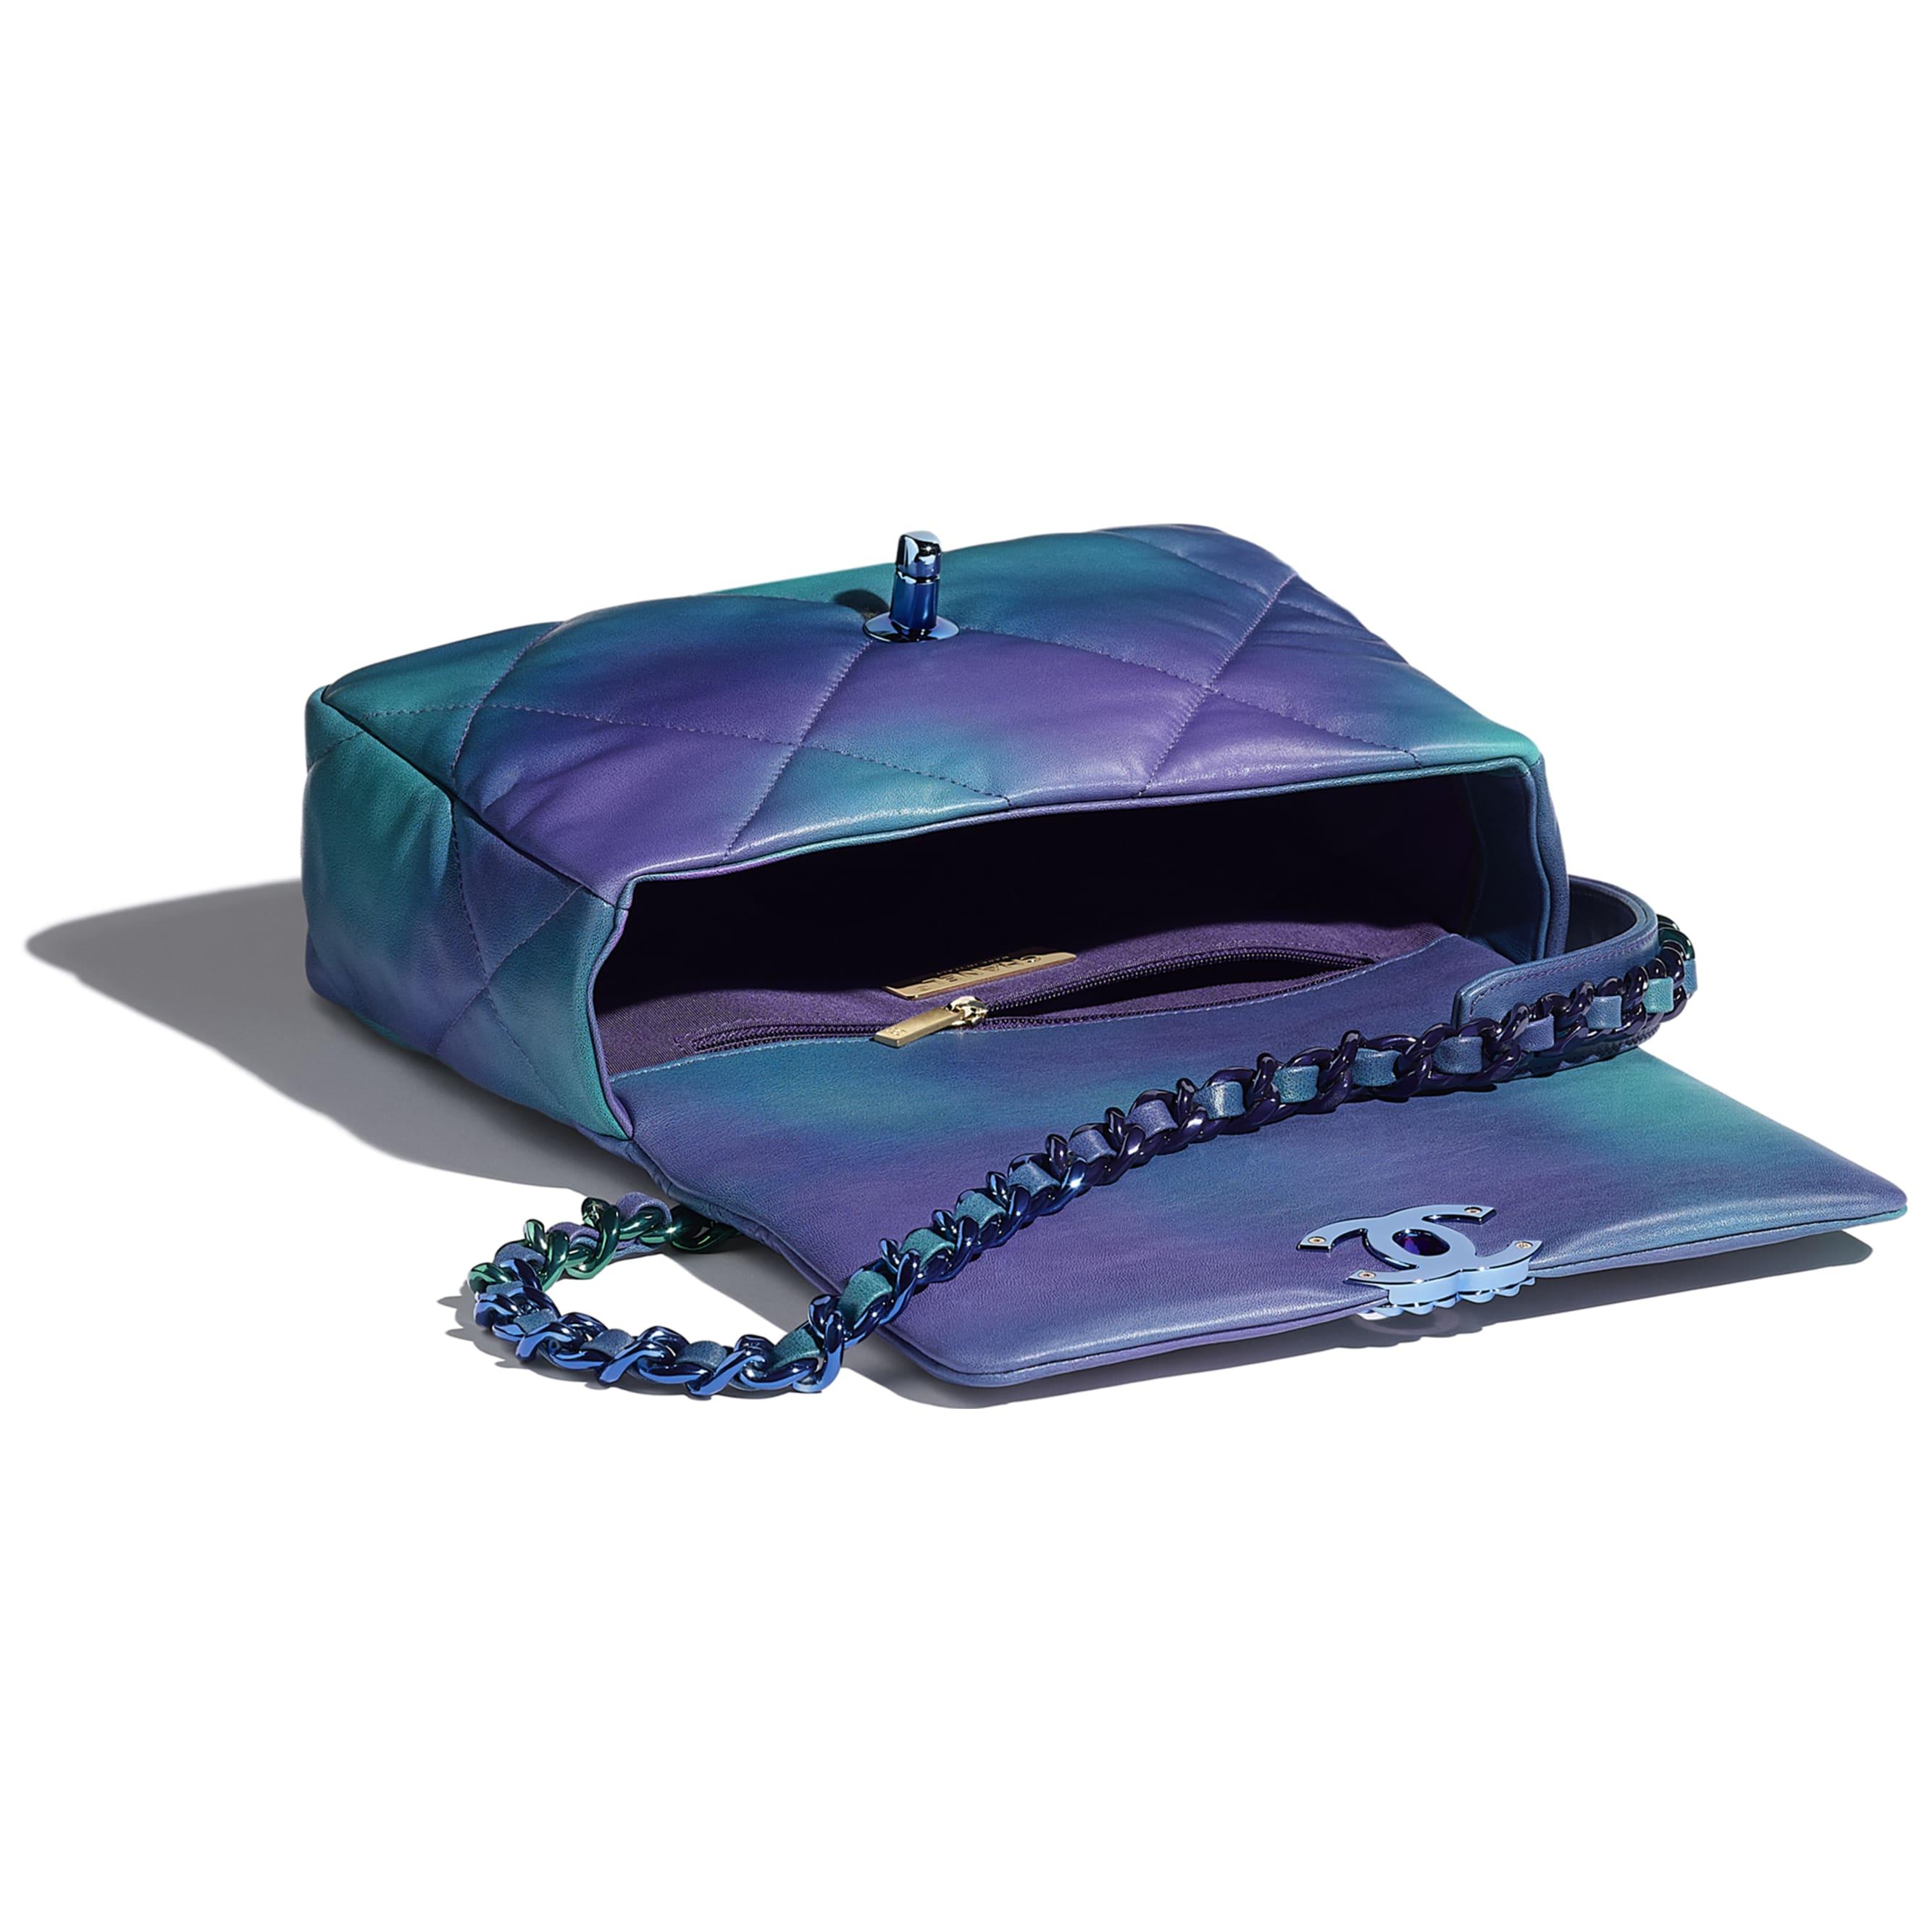 Borsa CHANEL 19 - Blu & viola - Pelle tie and dye & metallo laccato - CHANEL - Altra immagine - vedere versione standard